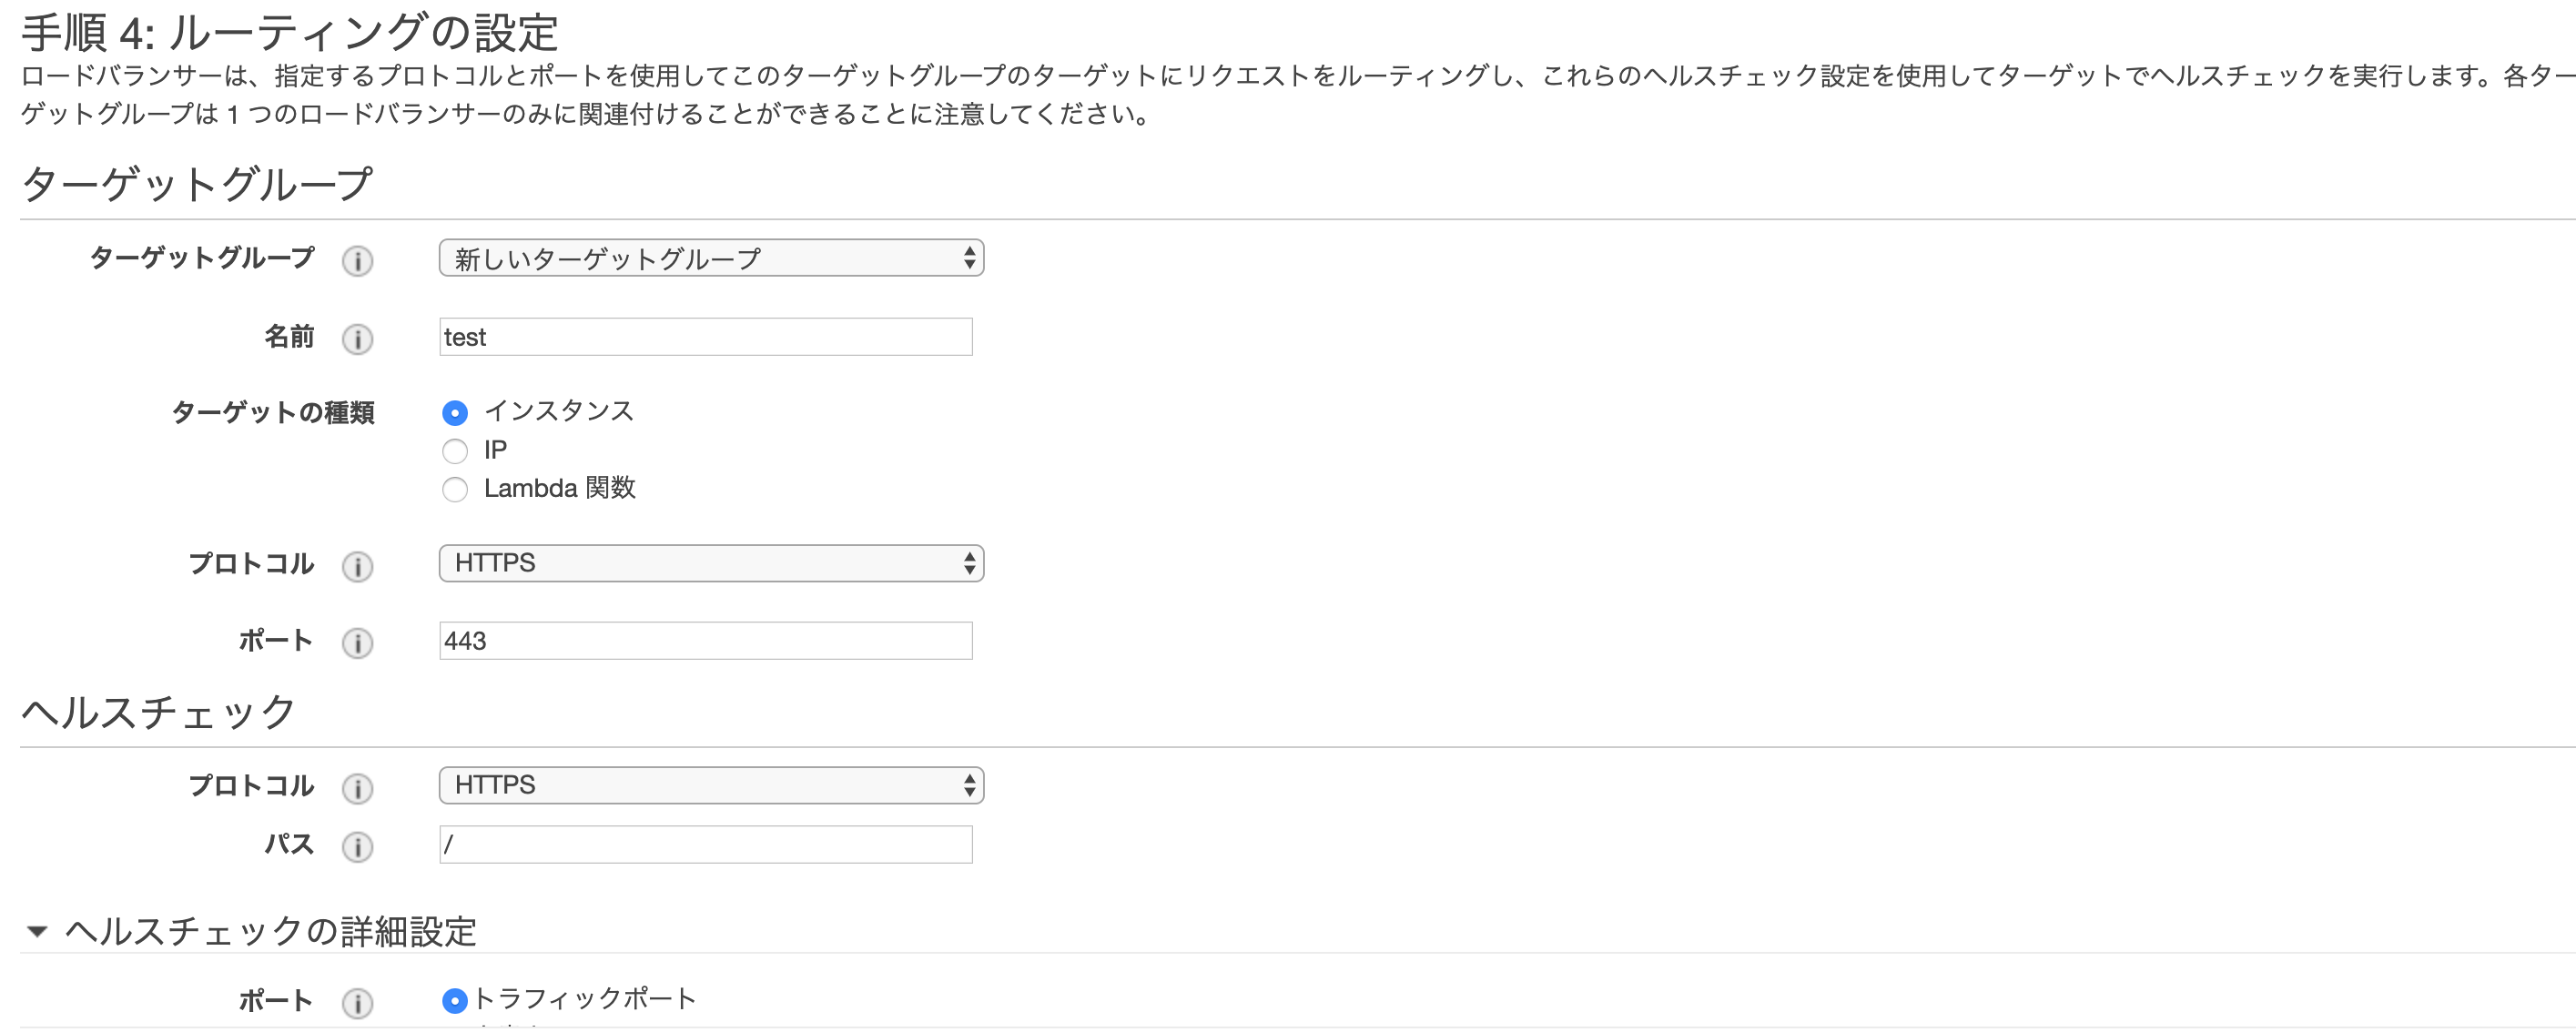 スクリーンショット 2020-01-13 10.32.15.png